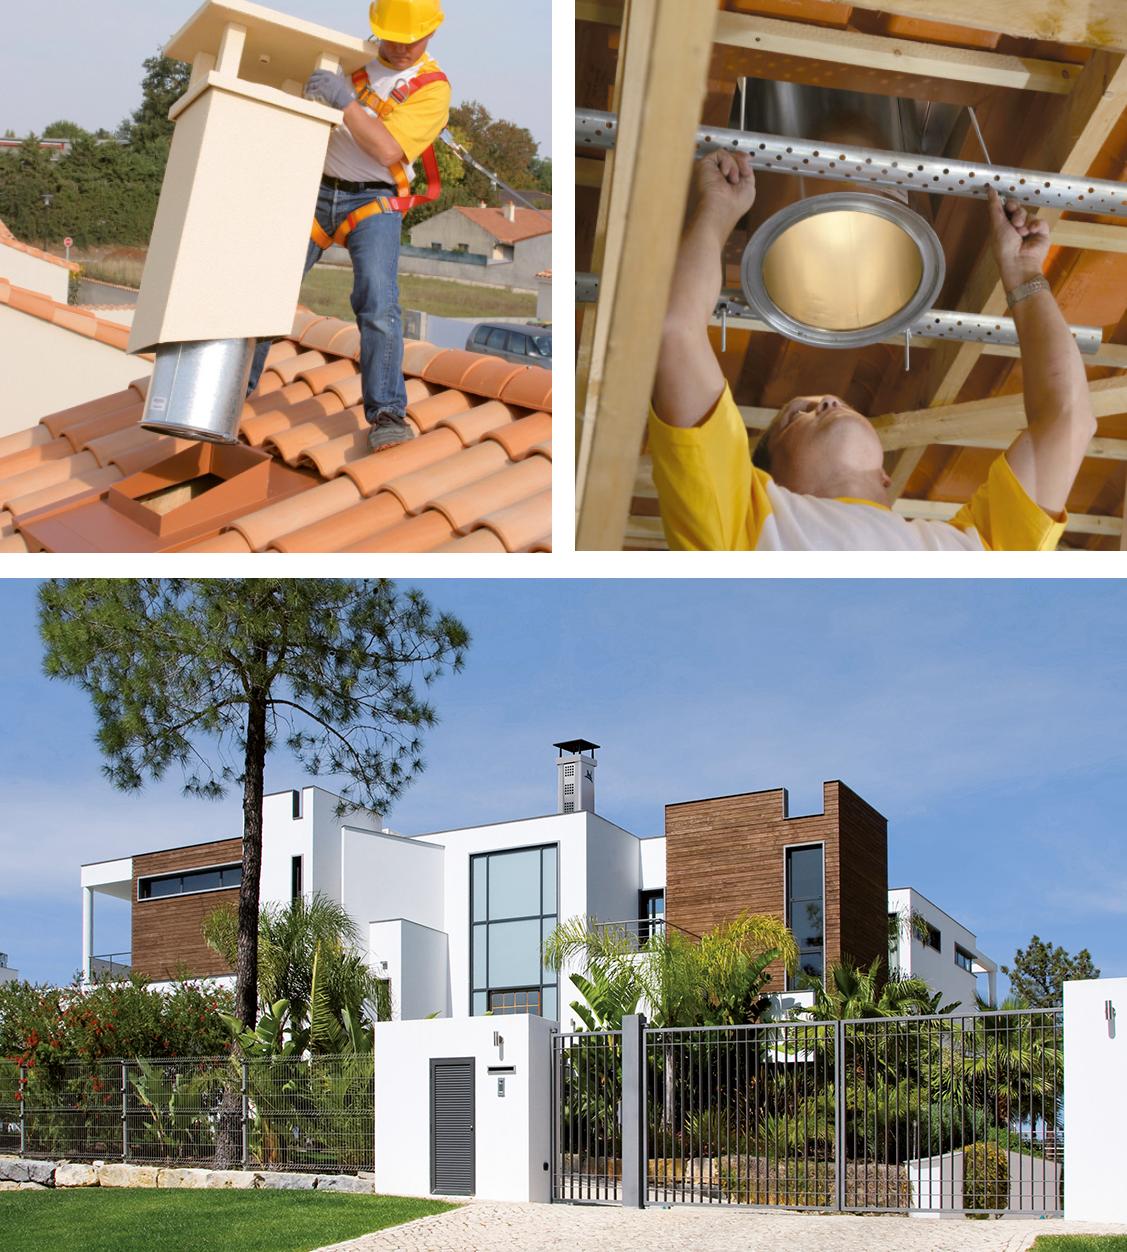 Peut On Installer Un Poele A Bois Soi Meme prévoir l'installation d'un poêle à bois - cheminées poujoulat